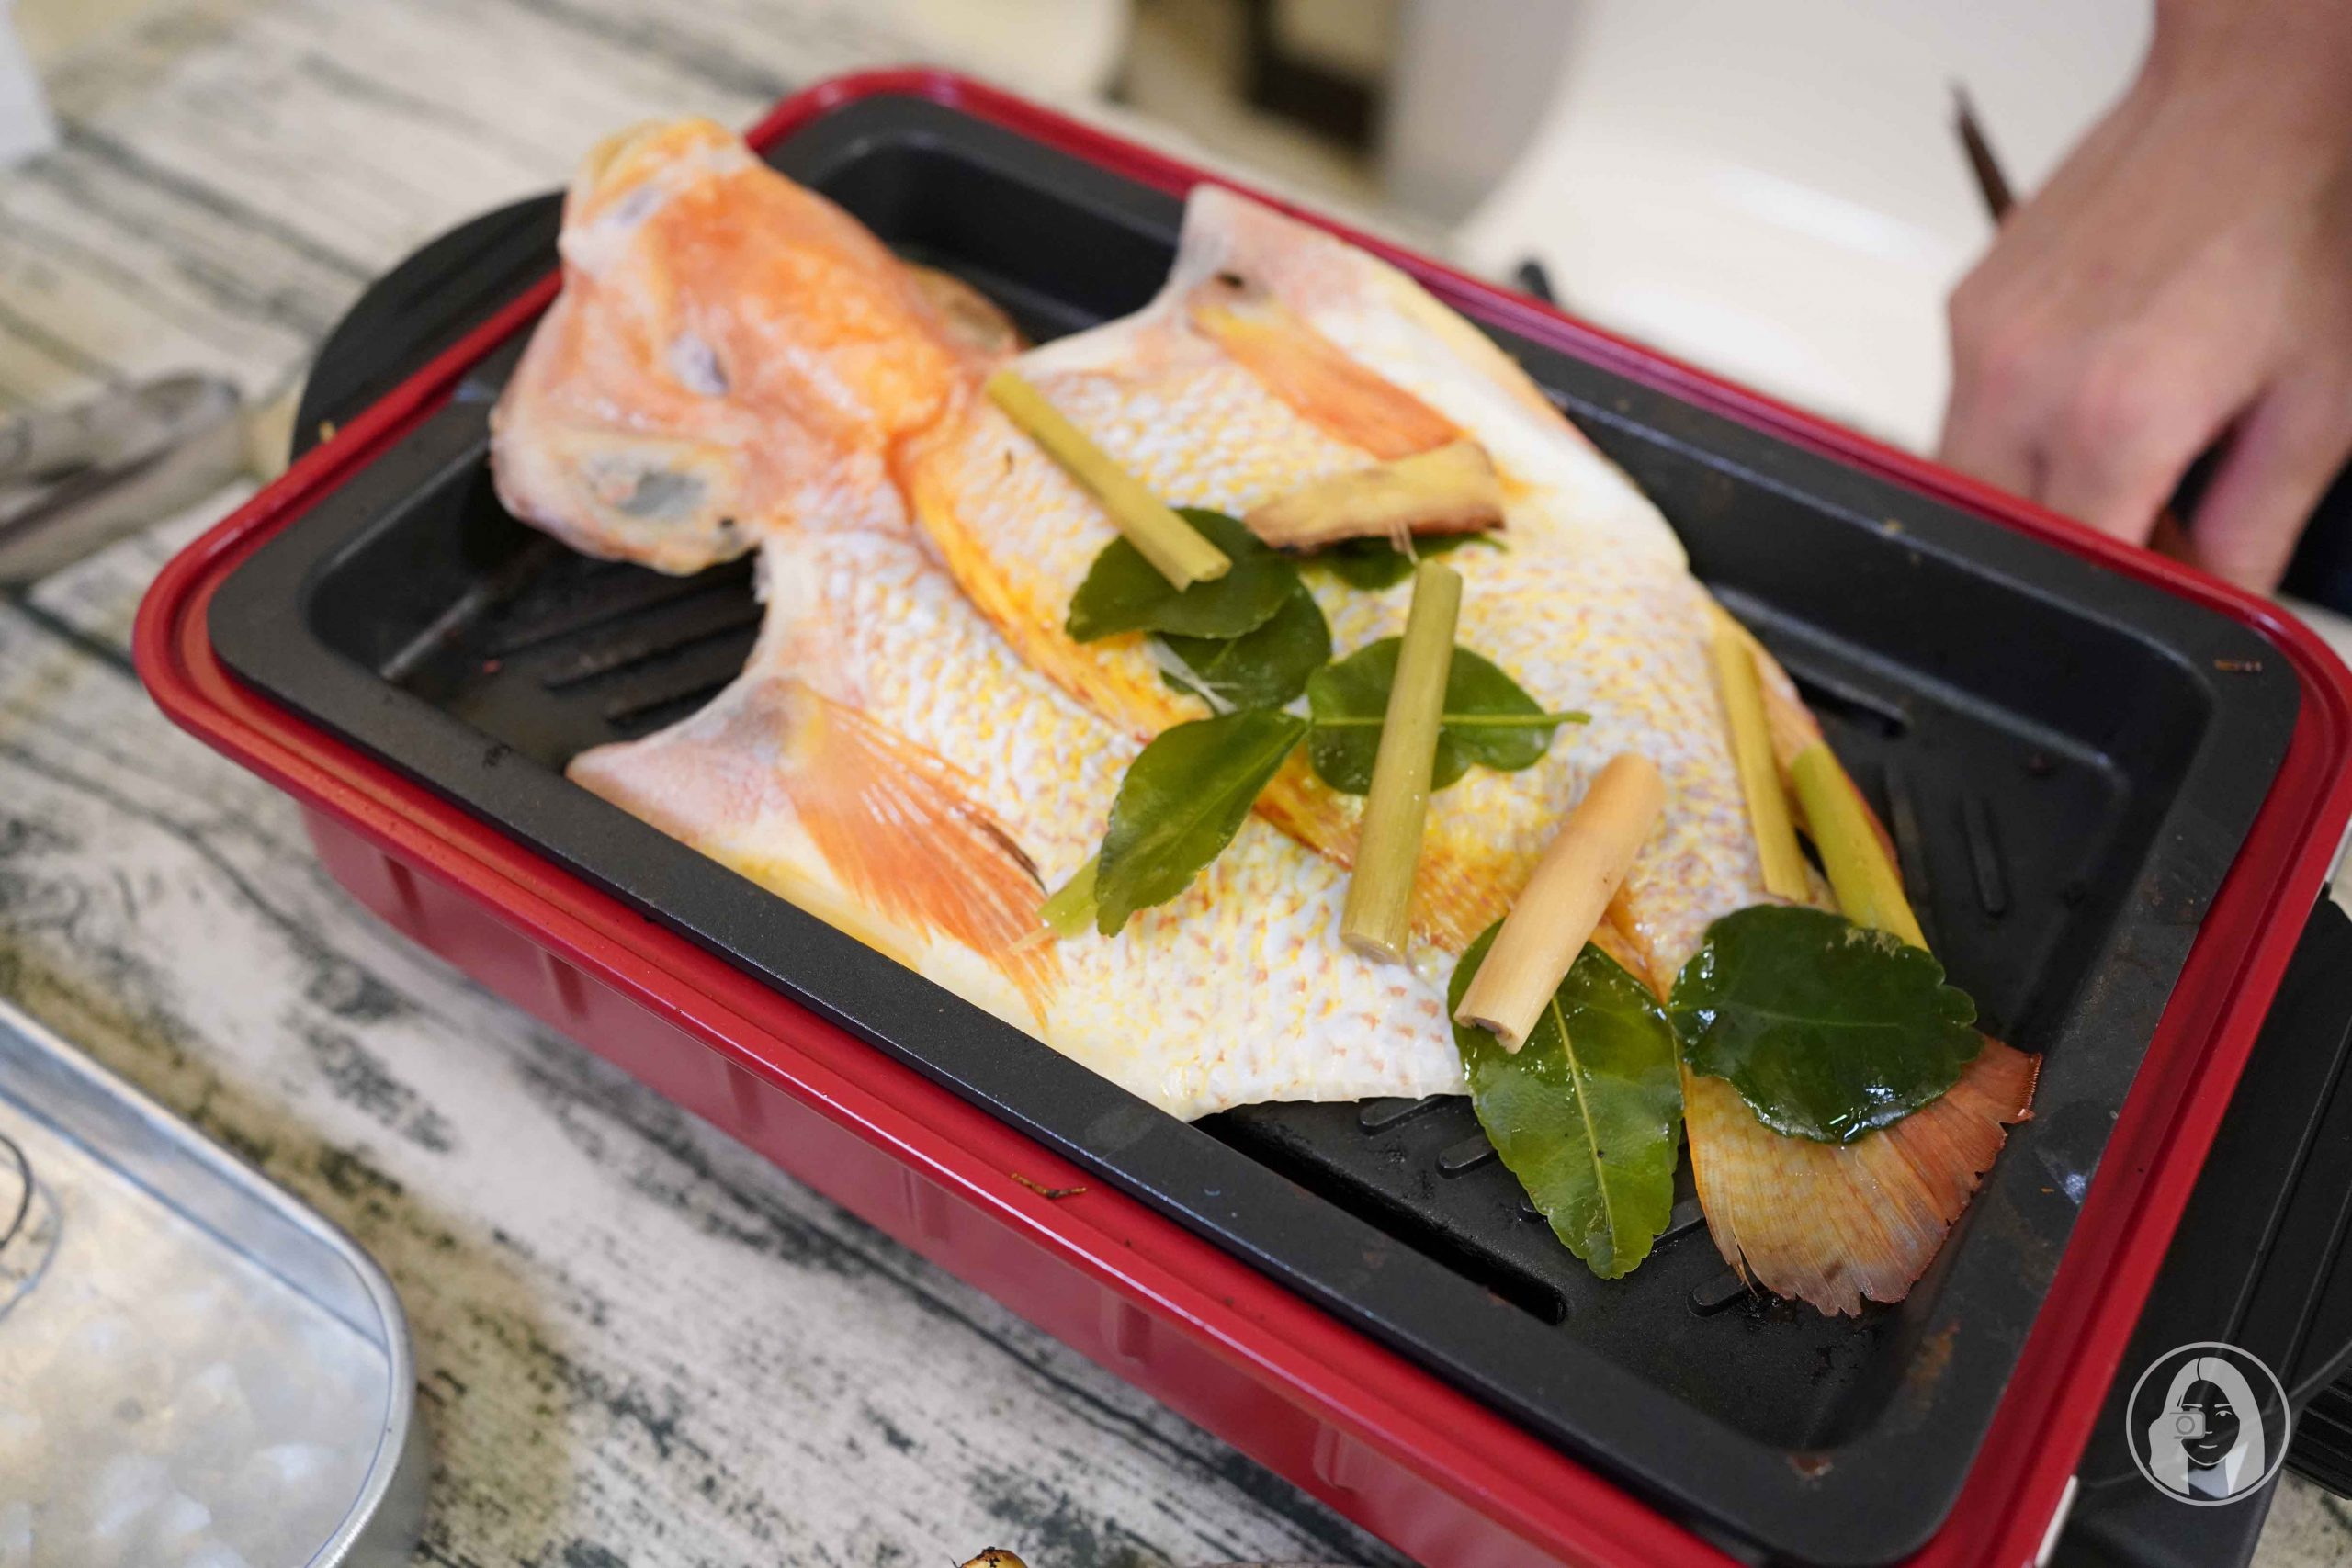 中秋烤肉組 海陸10件組 宅配烤肉食材 極鱻海陸組合 Hi-Q 褐藻生活館